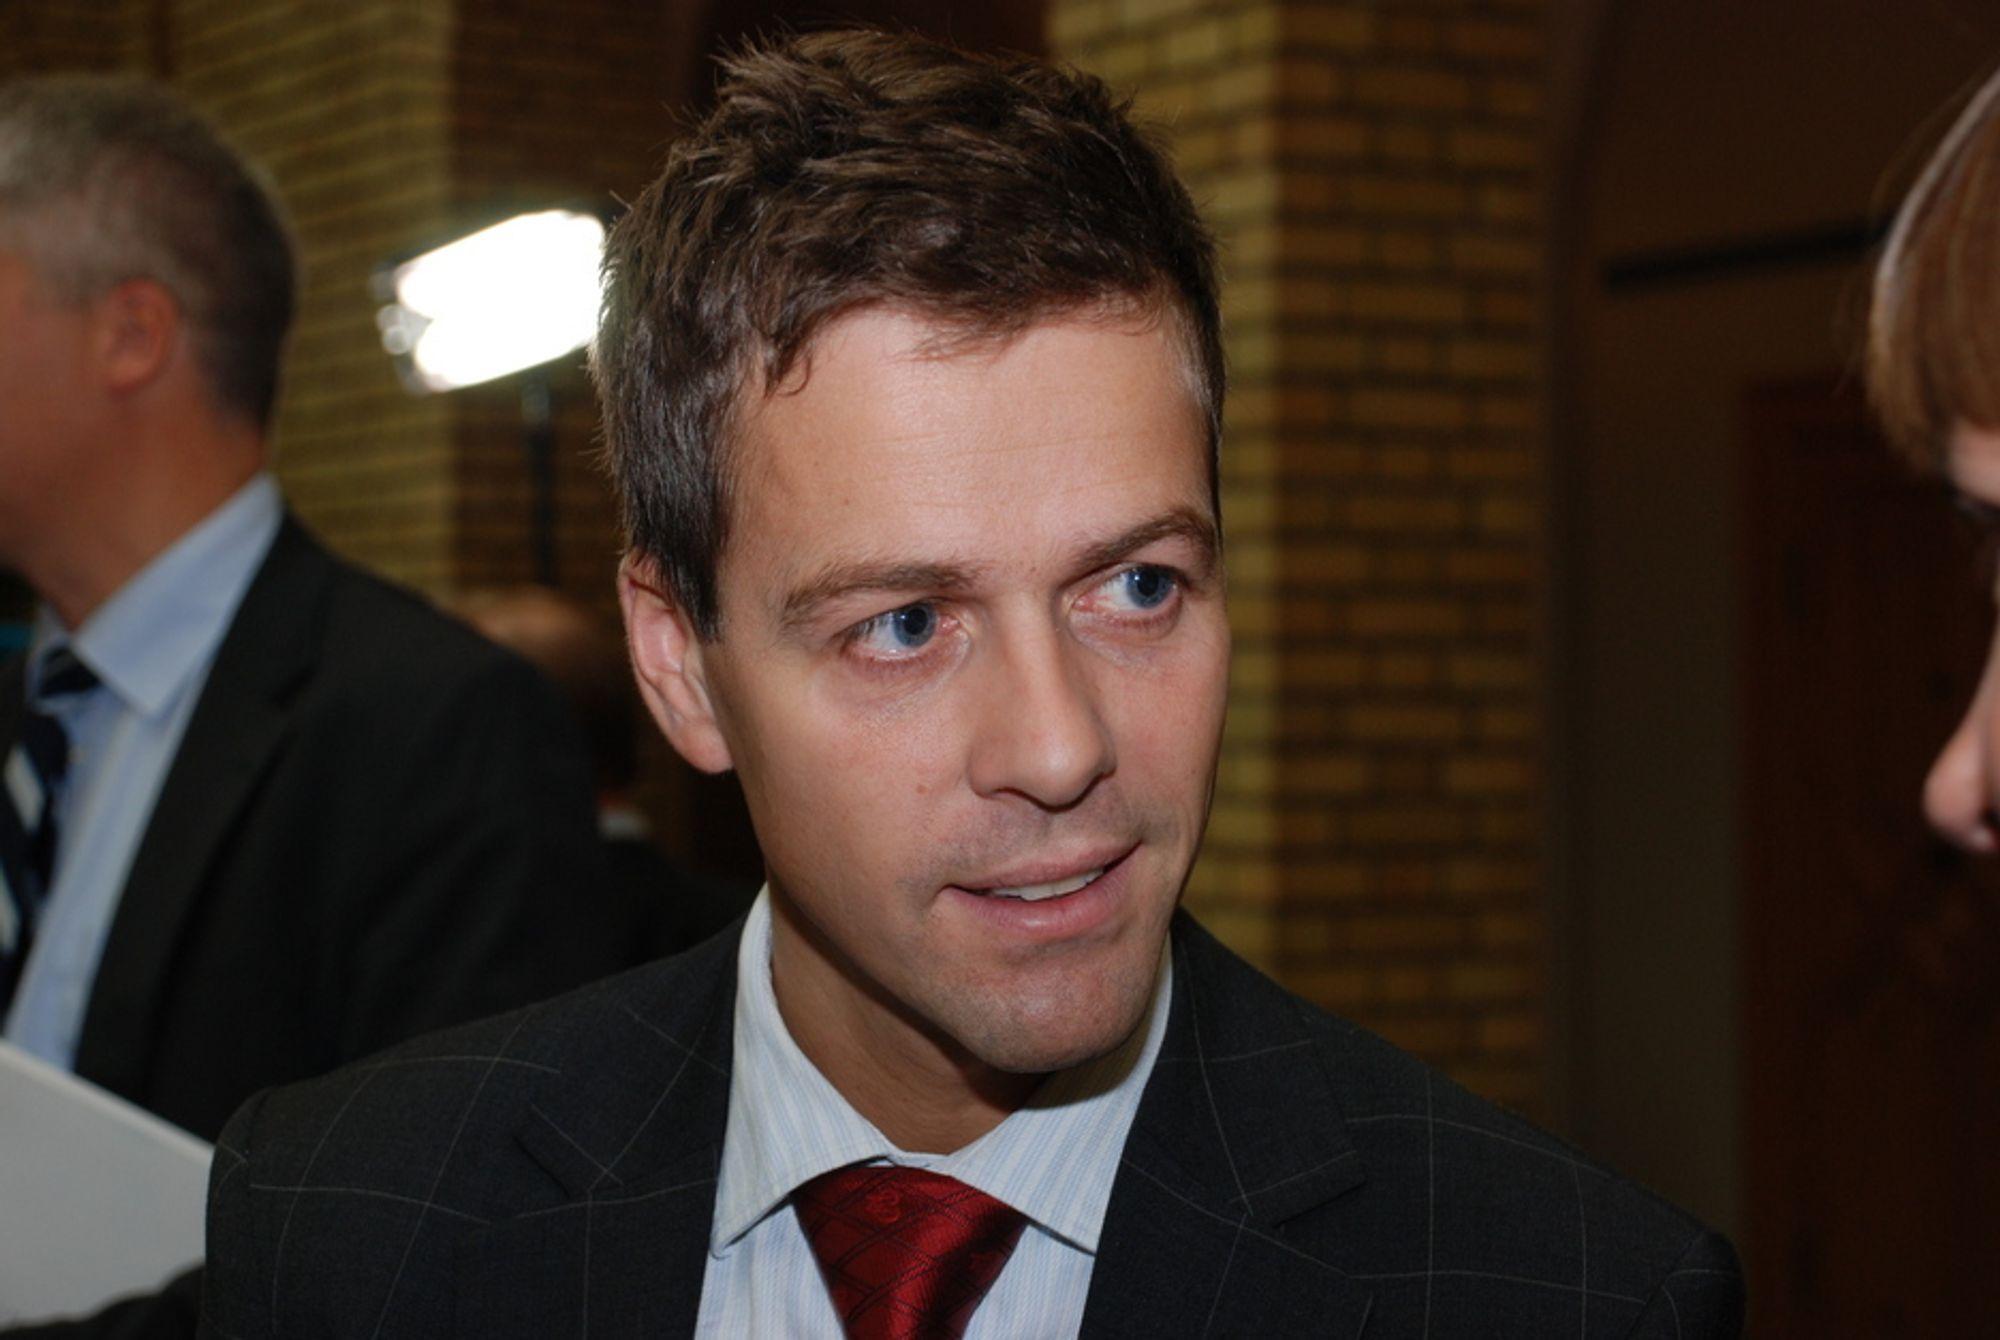 SKUFFET: Knut Arild Hareide mener SV forspiller sin rolle som miljøparti.